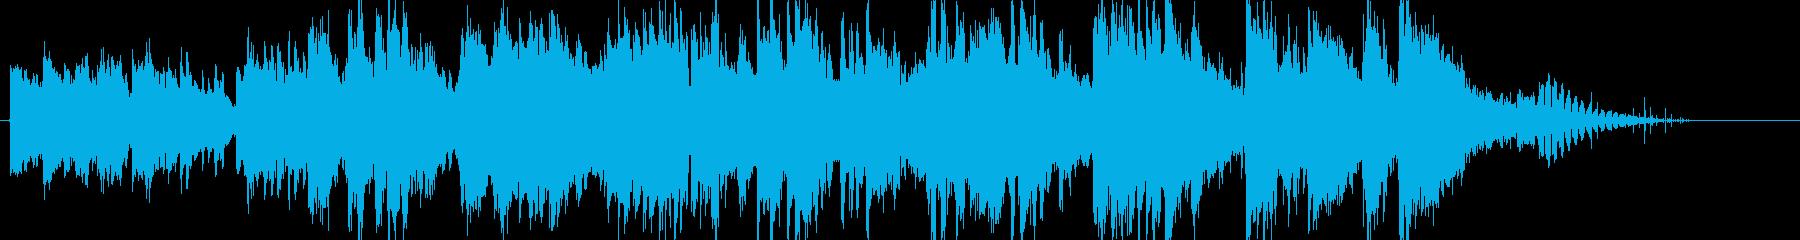 A.L.O.H.A 02の再生済みの波形